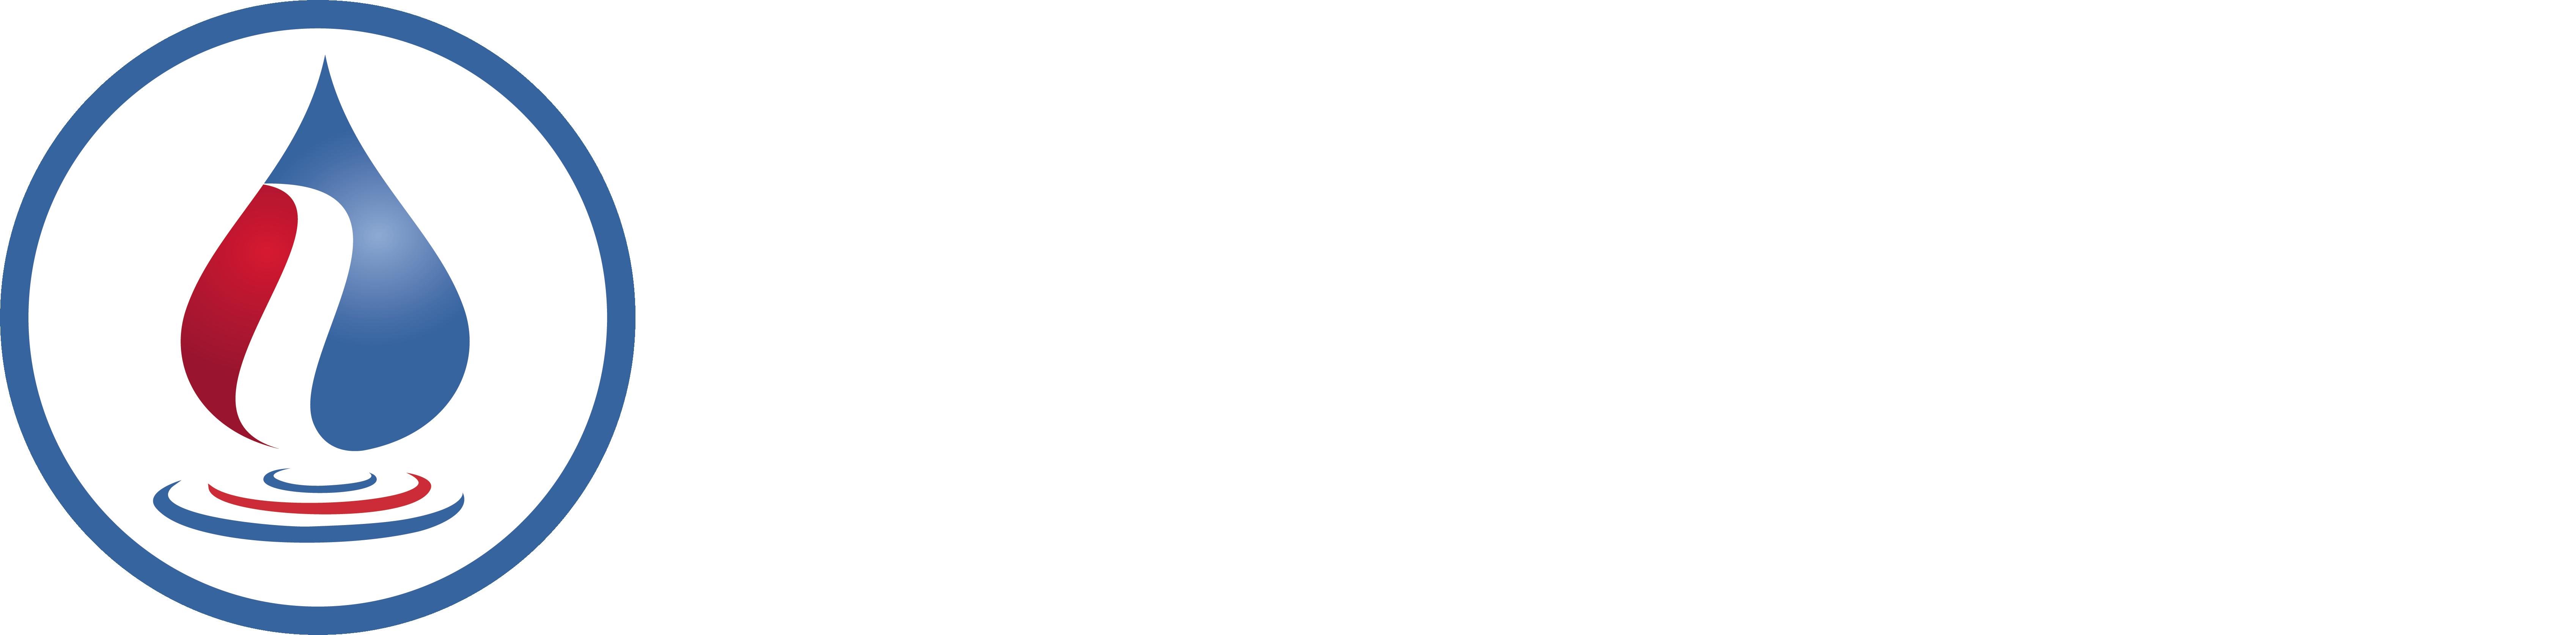 NEW - LeadingEdge White Horizontal Logo